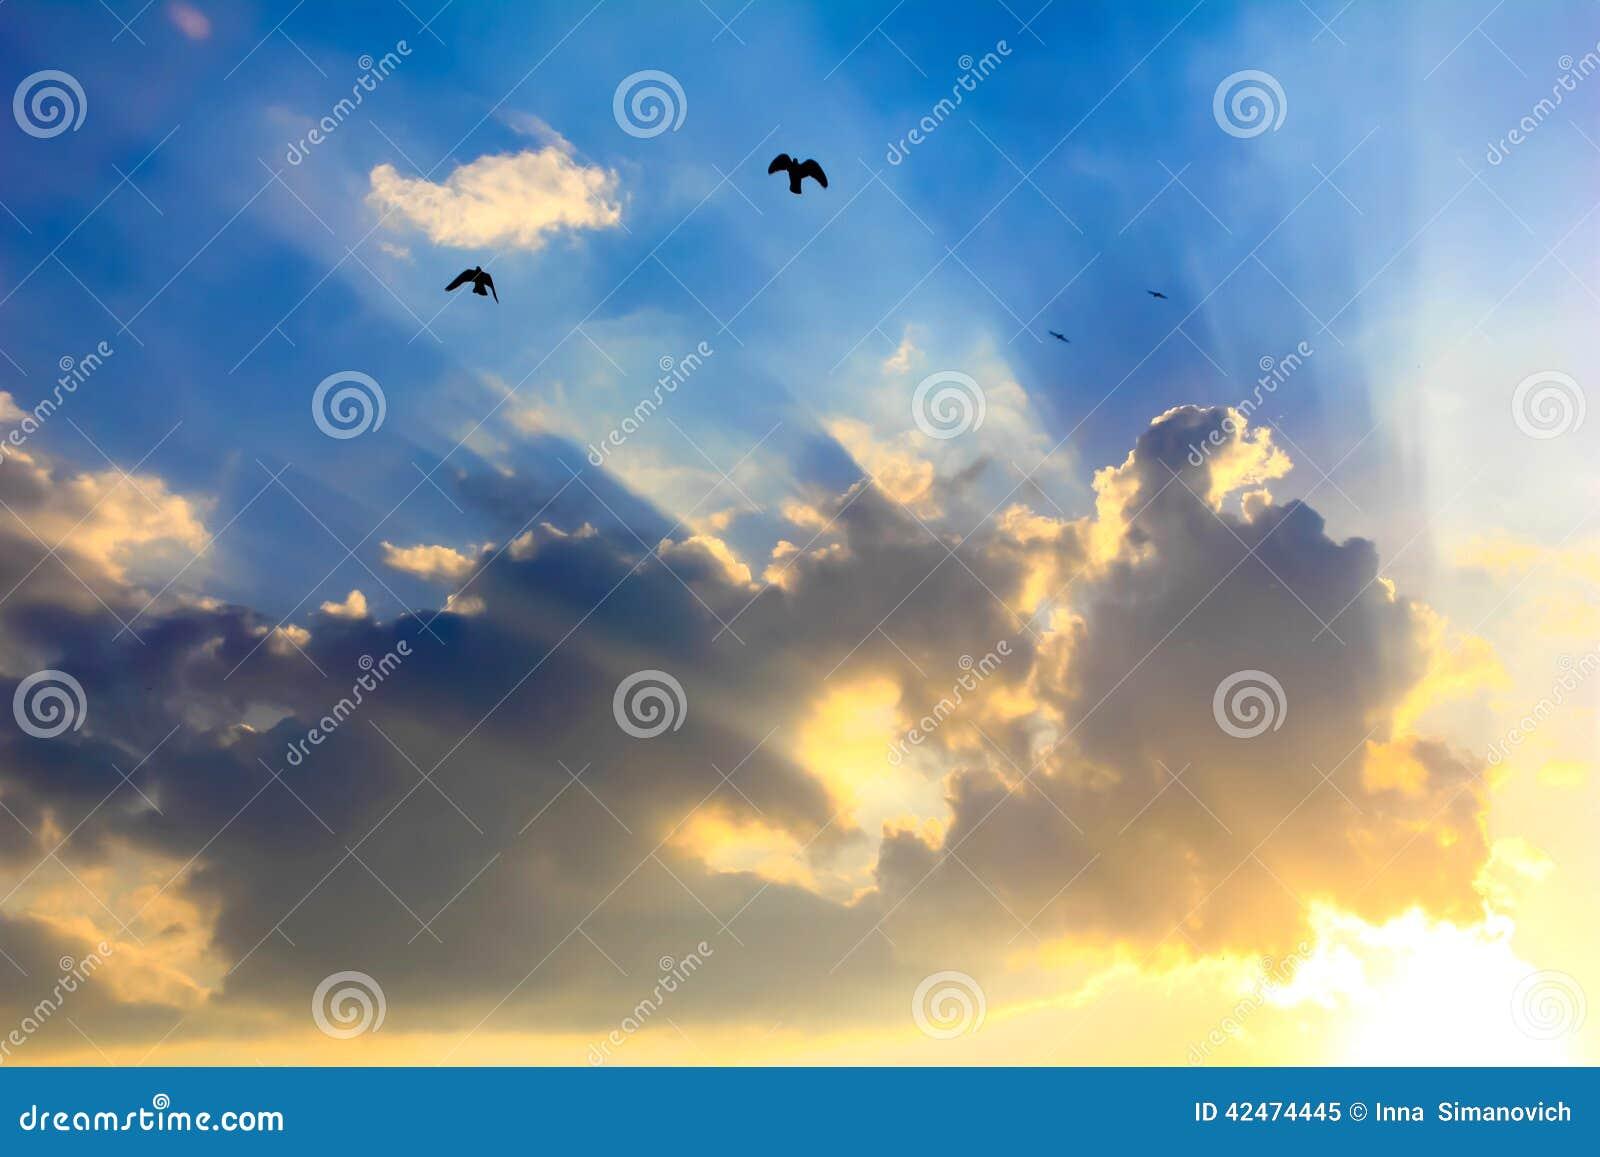 太阳的光芒通过云彩